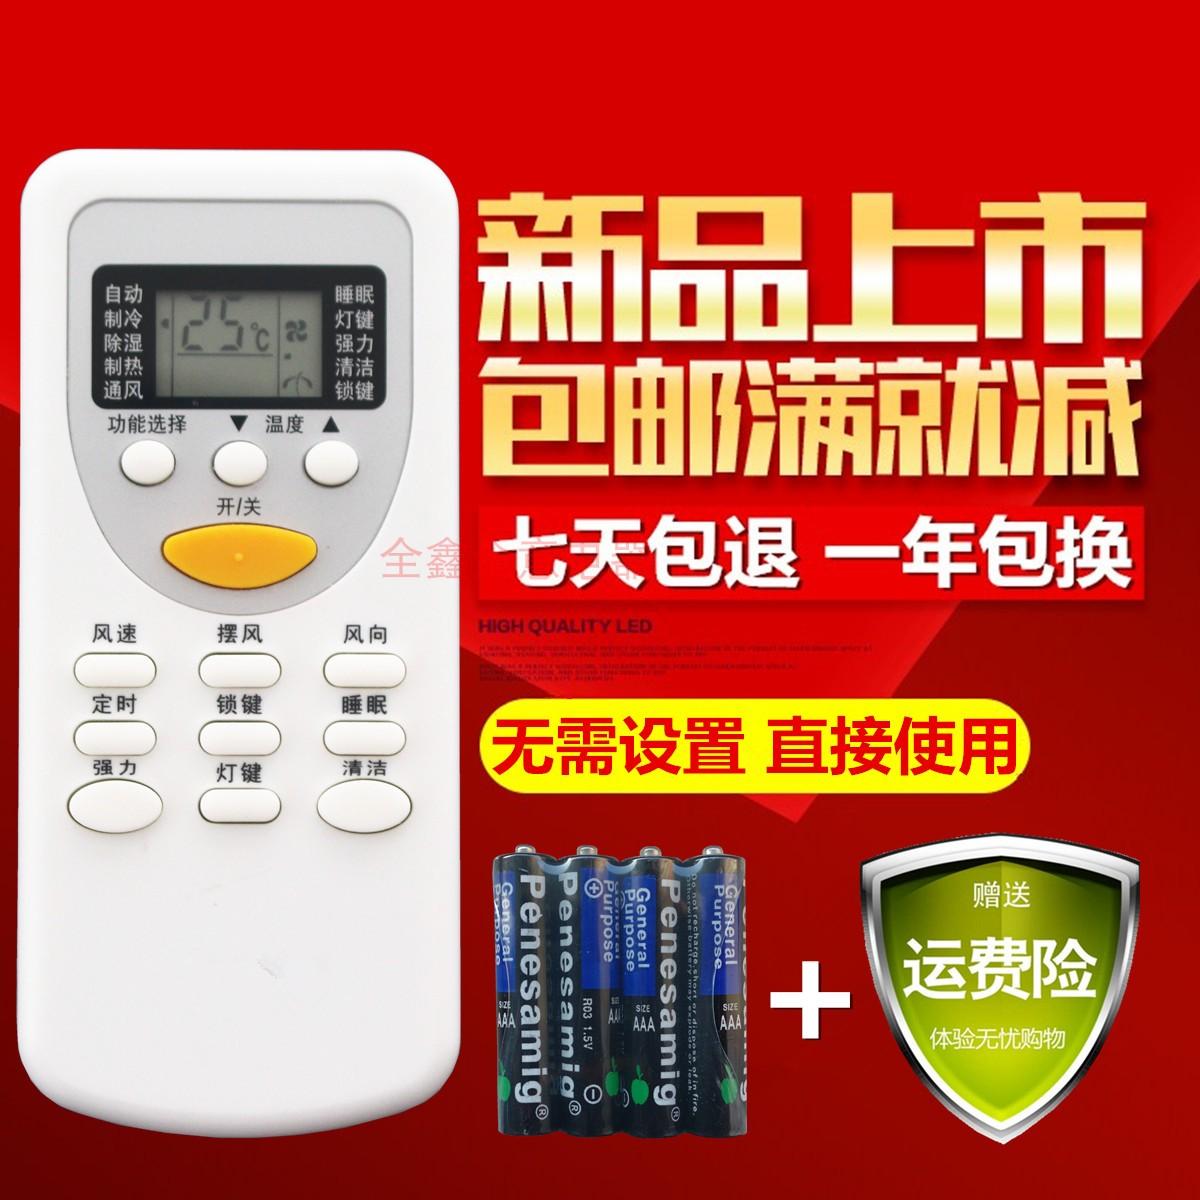 原装CHIGO志高空调遥控器万能通用款ZHJA-01JT-03DH/JT-01/06